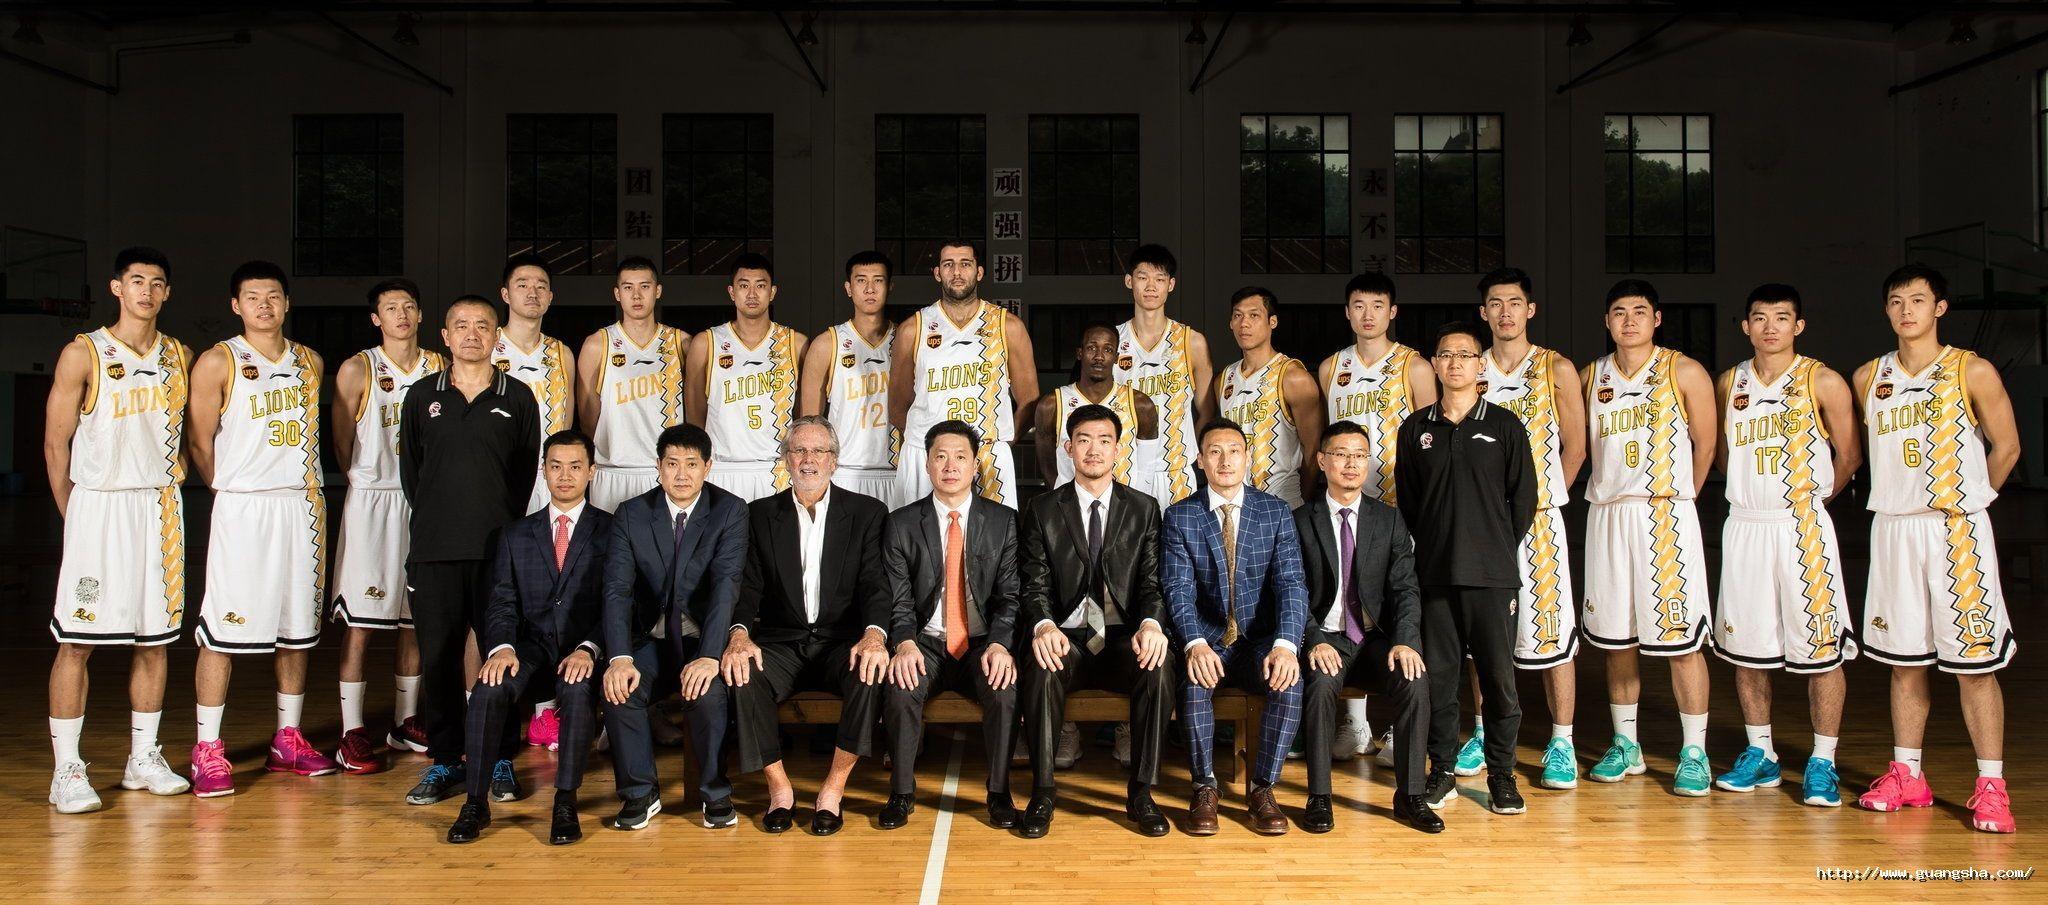 2017-2018赛季CBA浙江广厦篮球俱乐部教练组成员和全体球员合影.jpg